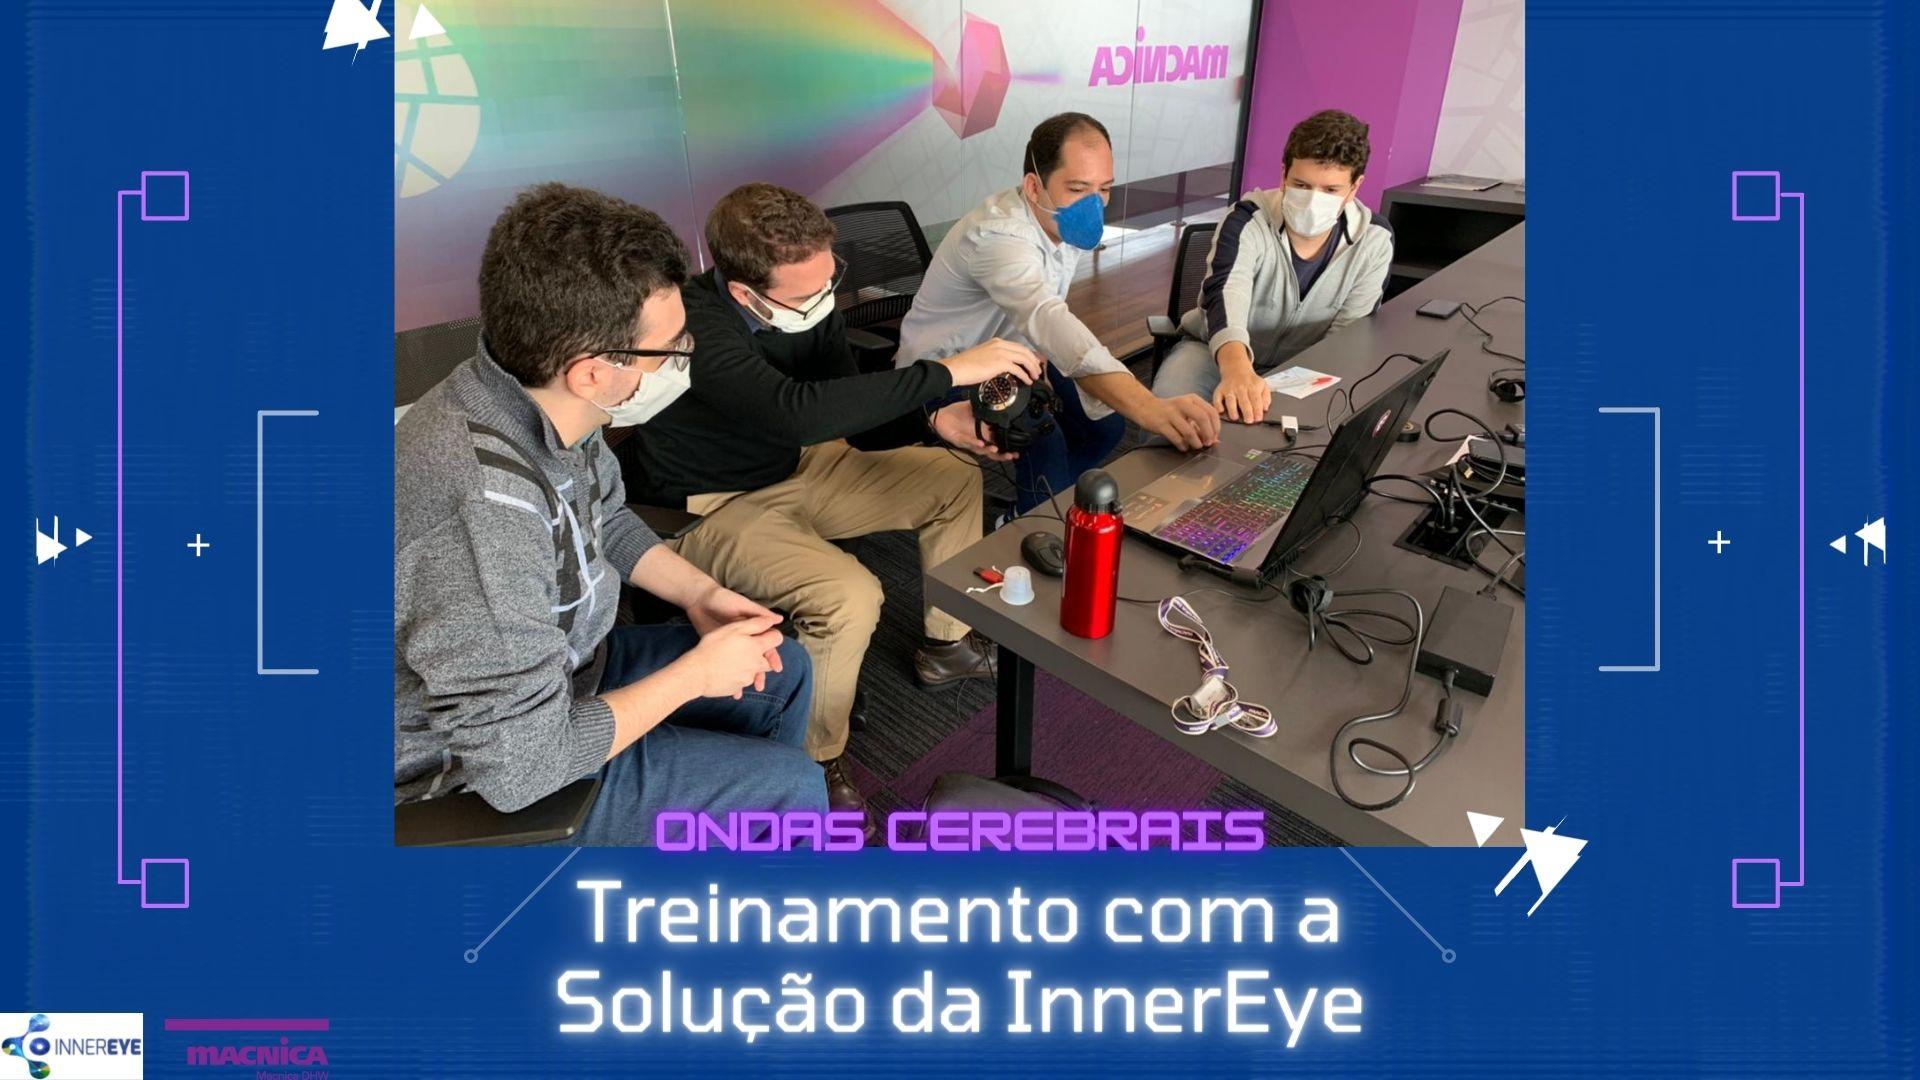 Read more about the article Treinamento com a Solução da InnerEye